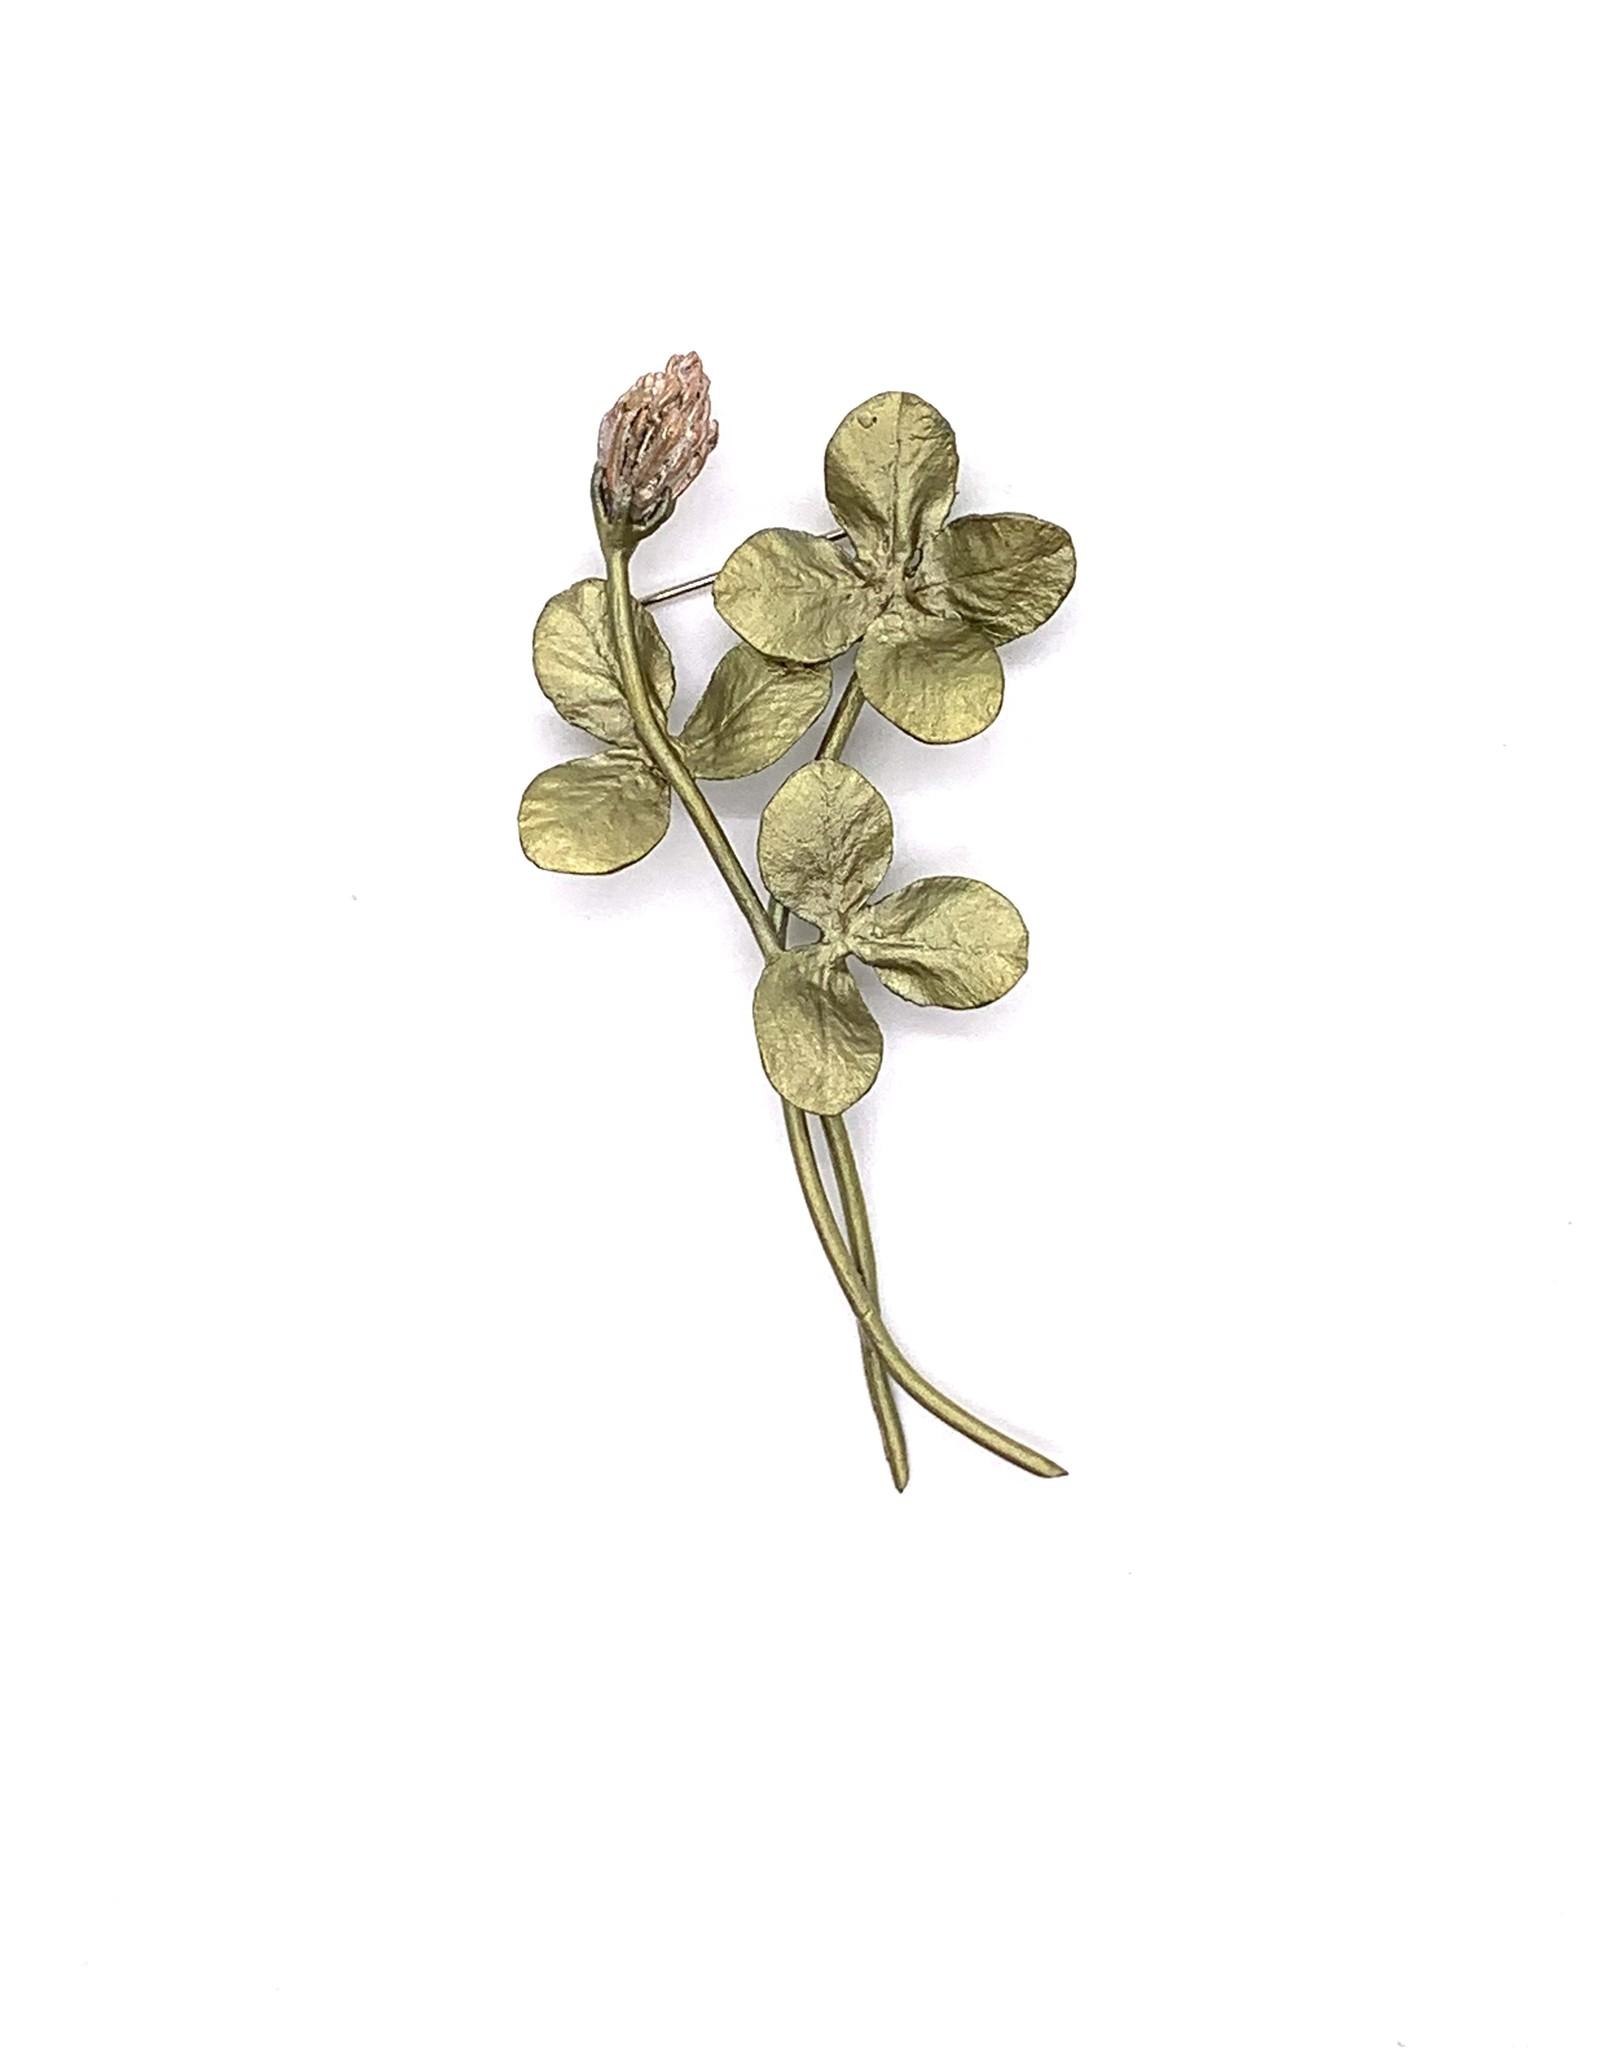 Bronze Clover Pin